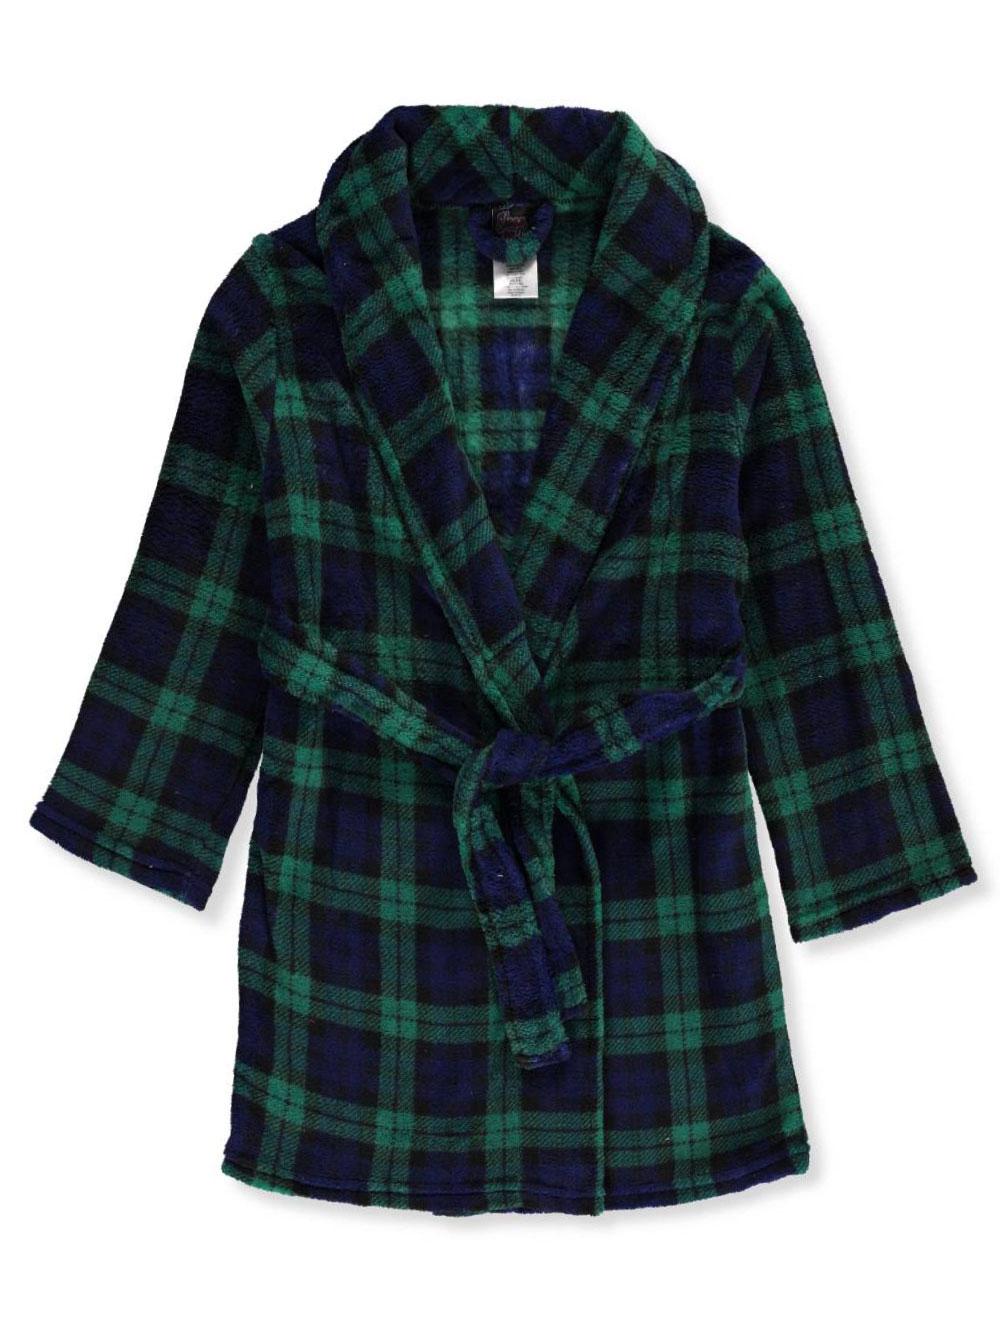 Sleep On It Little Boys' Plush Robe (Sizes 4 - 7)